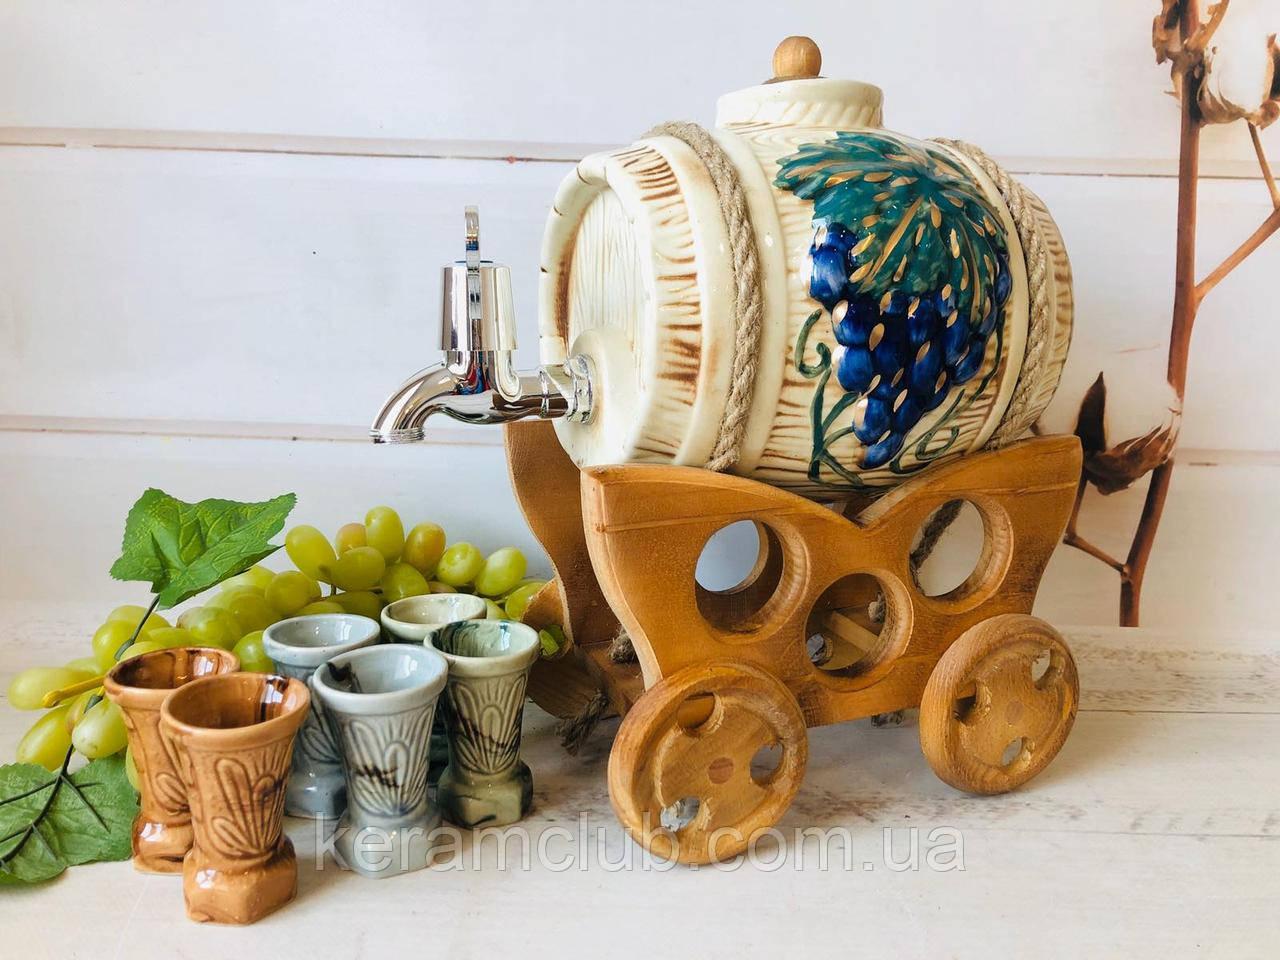 Винний набір Керамклуб керамічний Бочонок 3 л і 6 чарок на дерев'яній возі